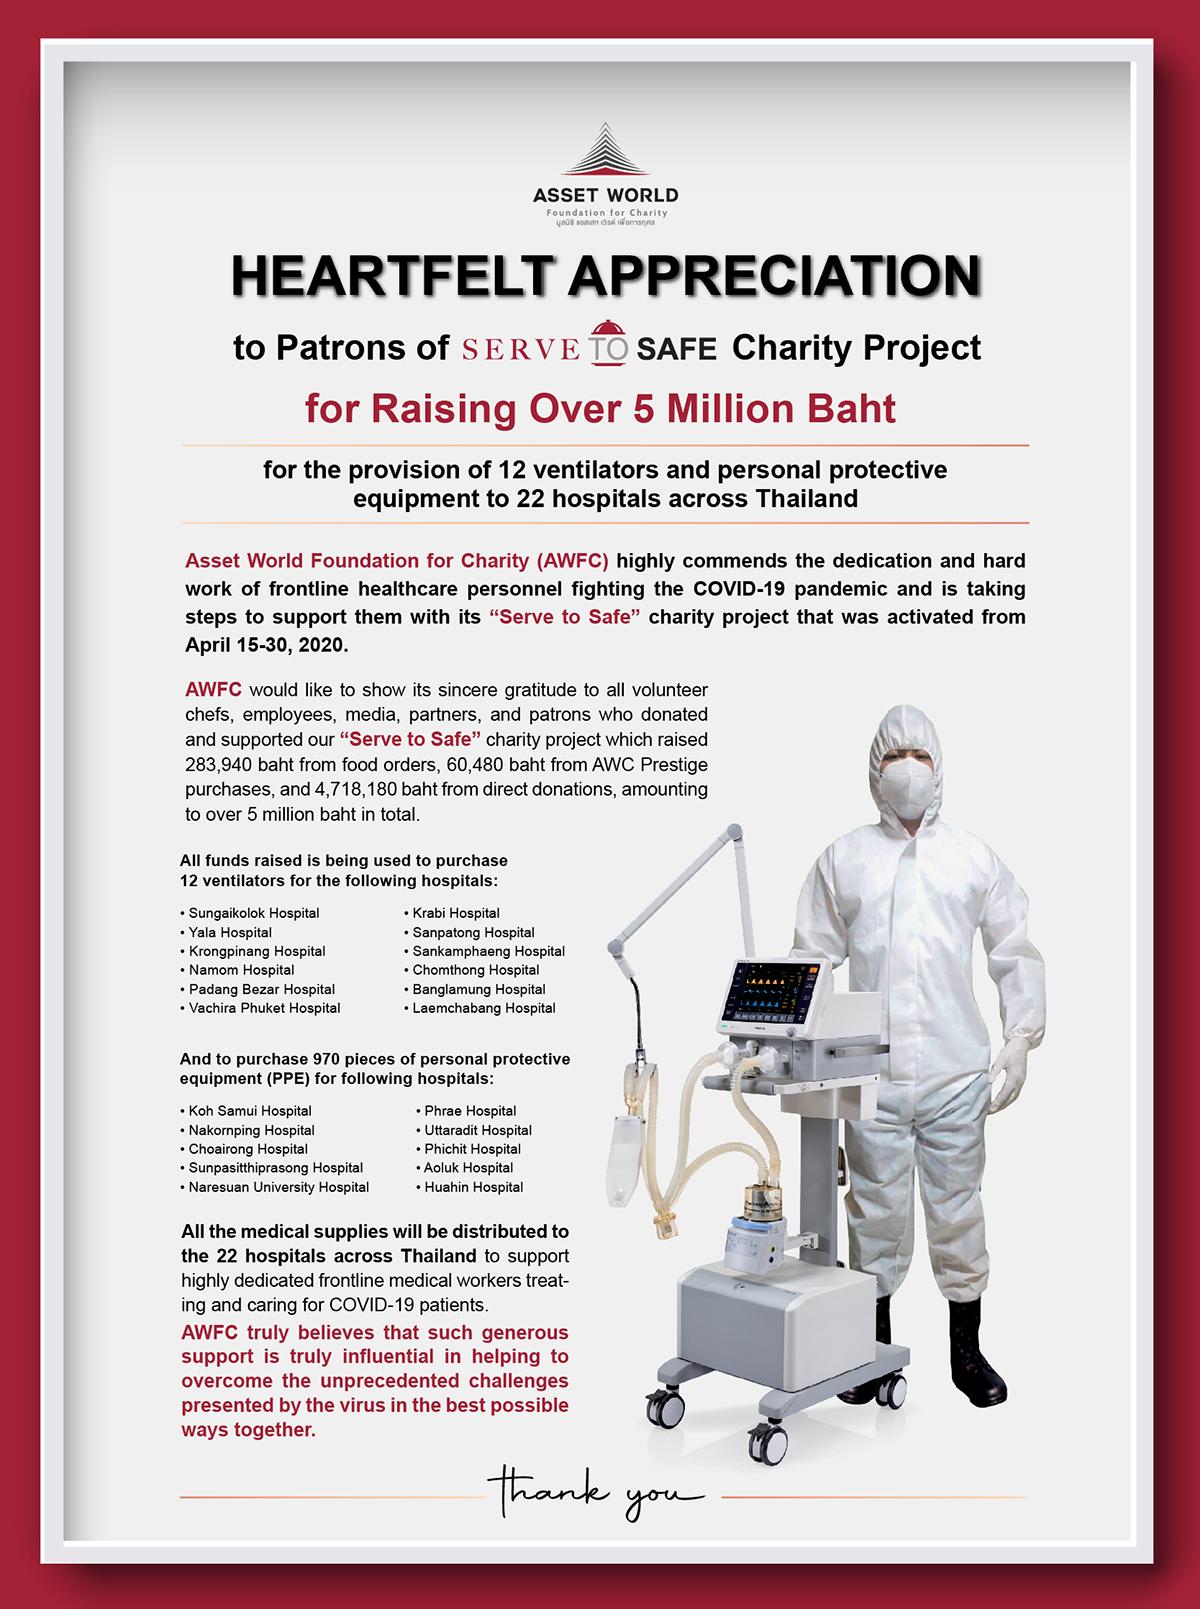 """ขอขอบคุณพลังใจจากทุกภาคส่วน ที่ร่วมเป็นส่วนหนึ่งของโครงการการกุศล """"Serve to Safe"""" ด้วยยอดบริจาคกว่า 5 ล้านบาท จัดซื้อเครื่องมือและอุปกรณ์ทางการแพทย์ มอบให้แก่โรงพยาบาลทั่วประเทศกว่า 22 แห่ง"""